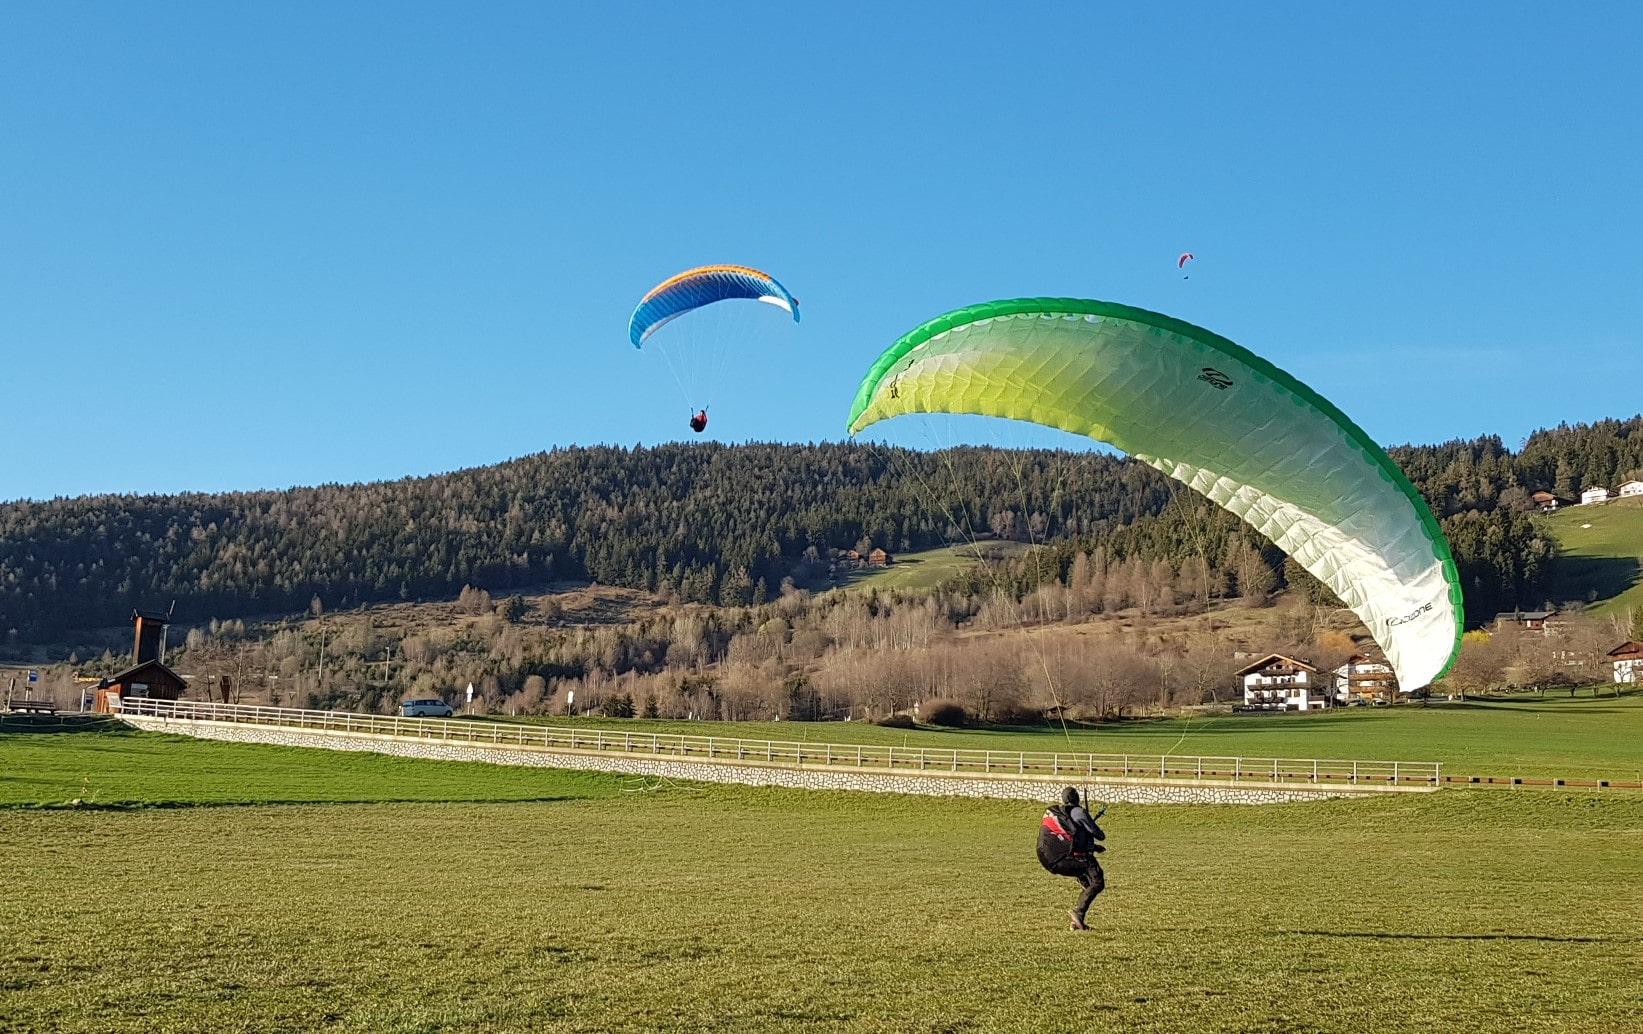 20190329 173418.2 - Gleitschirm Alpinschulung Alpin Rodeneck 1 – Vom Süden in den Norden und zurück 😉